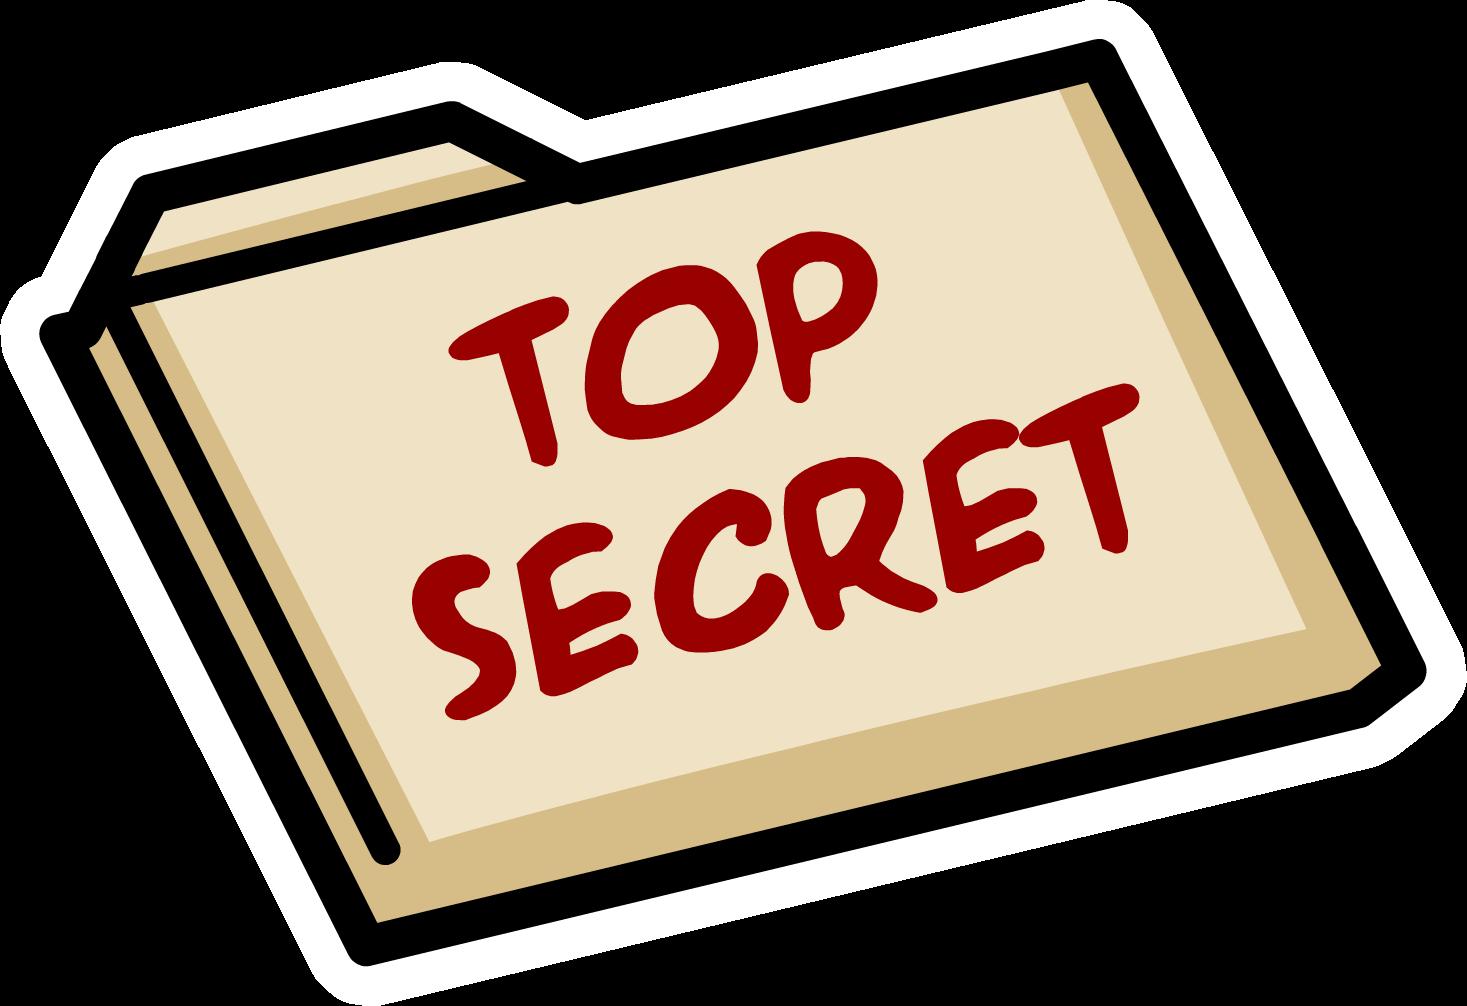 Secret clipart secret mission, Secret secret mission.